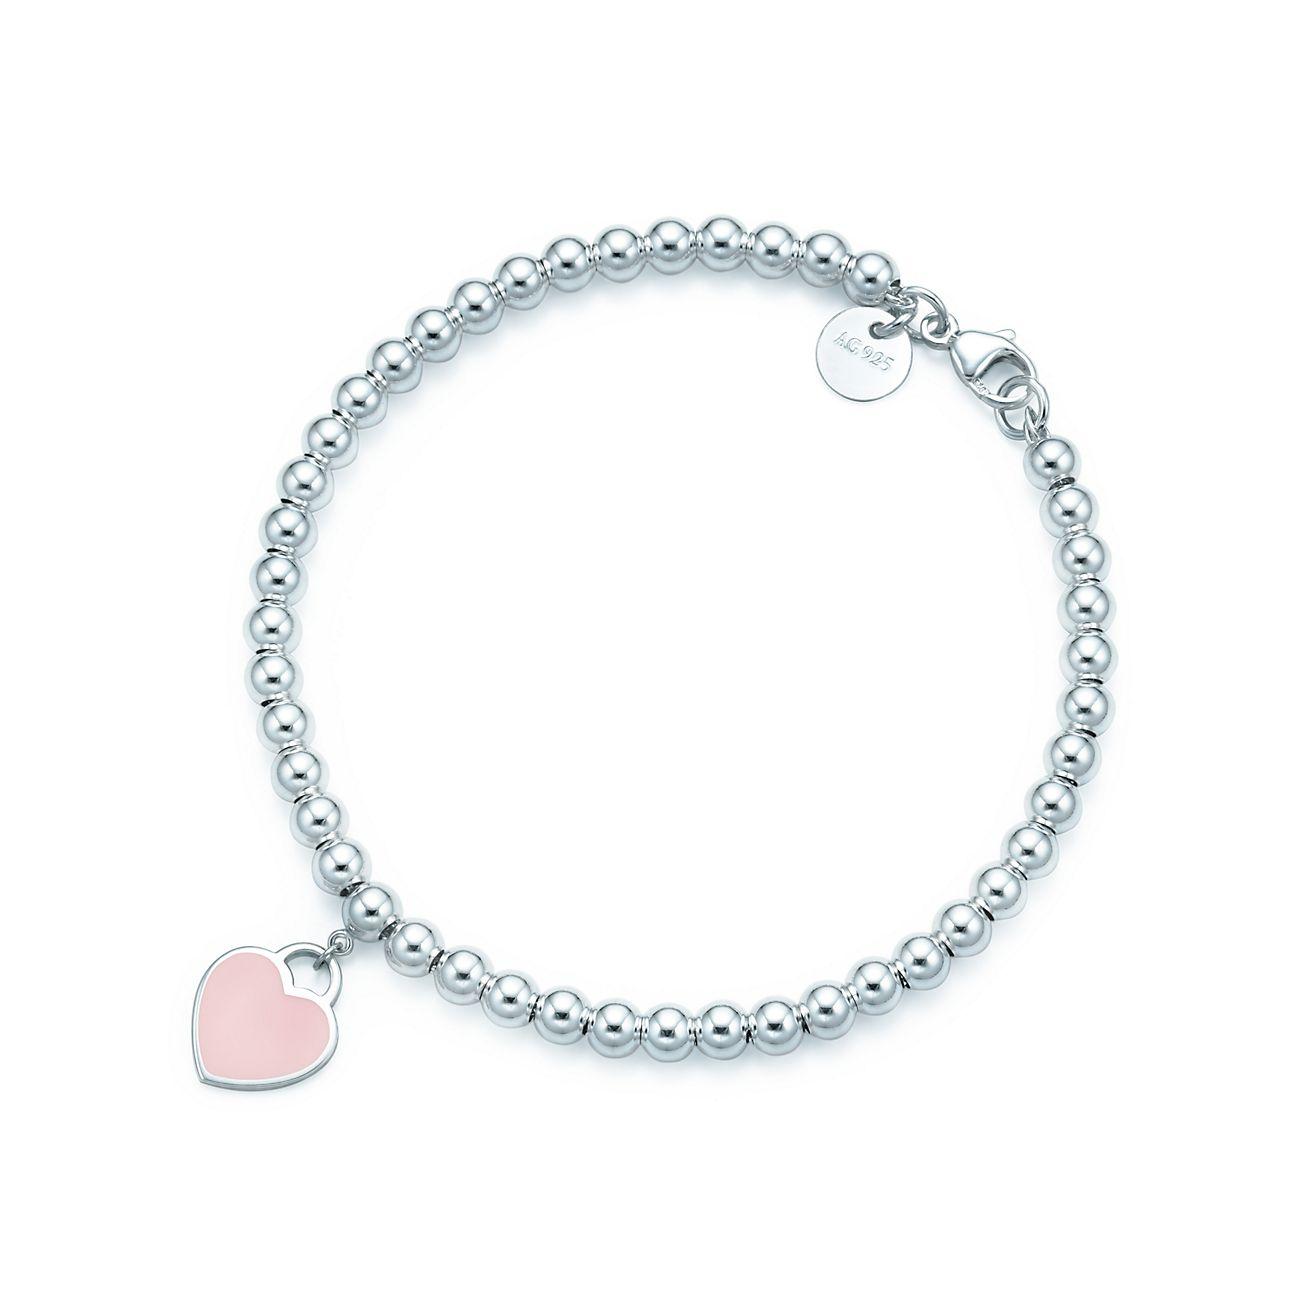 Bracciale bead in argento con rifinitura in vernice rosa, medio.